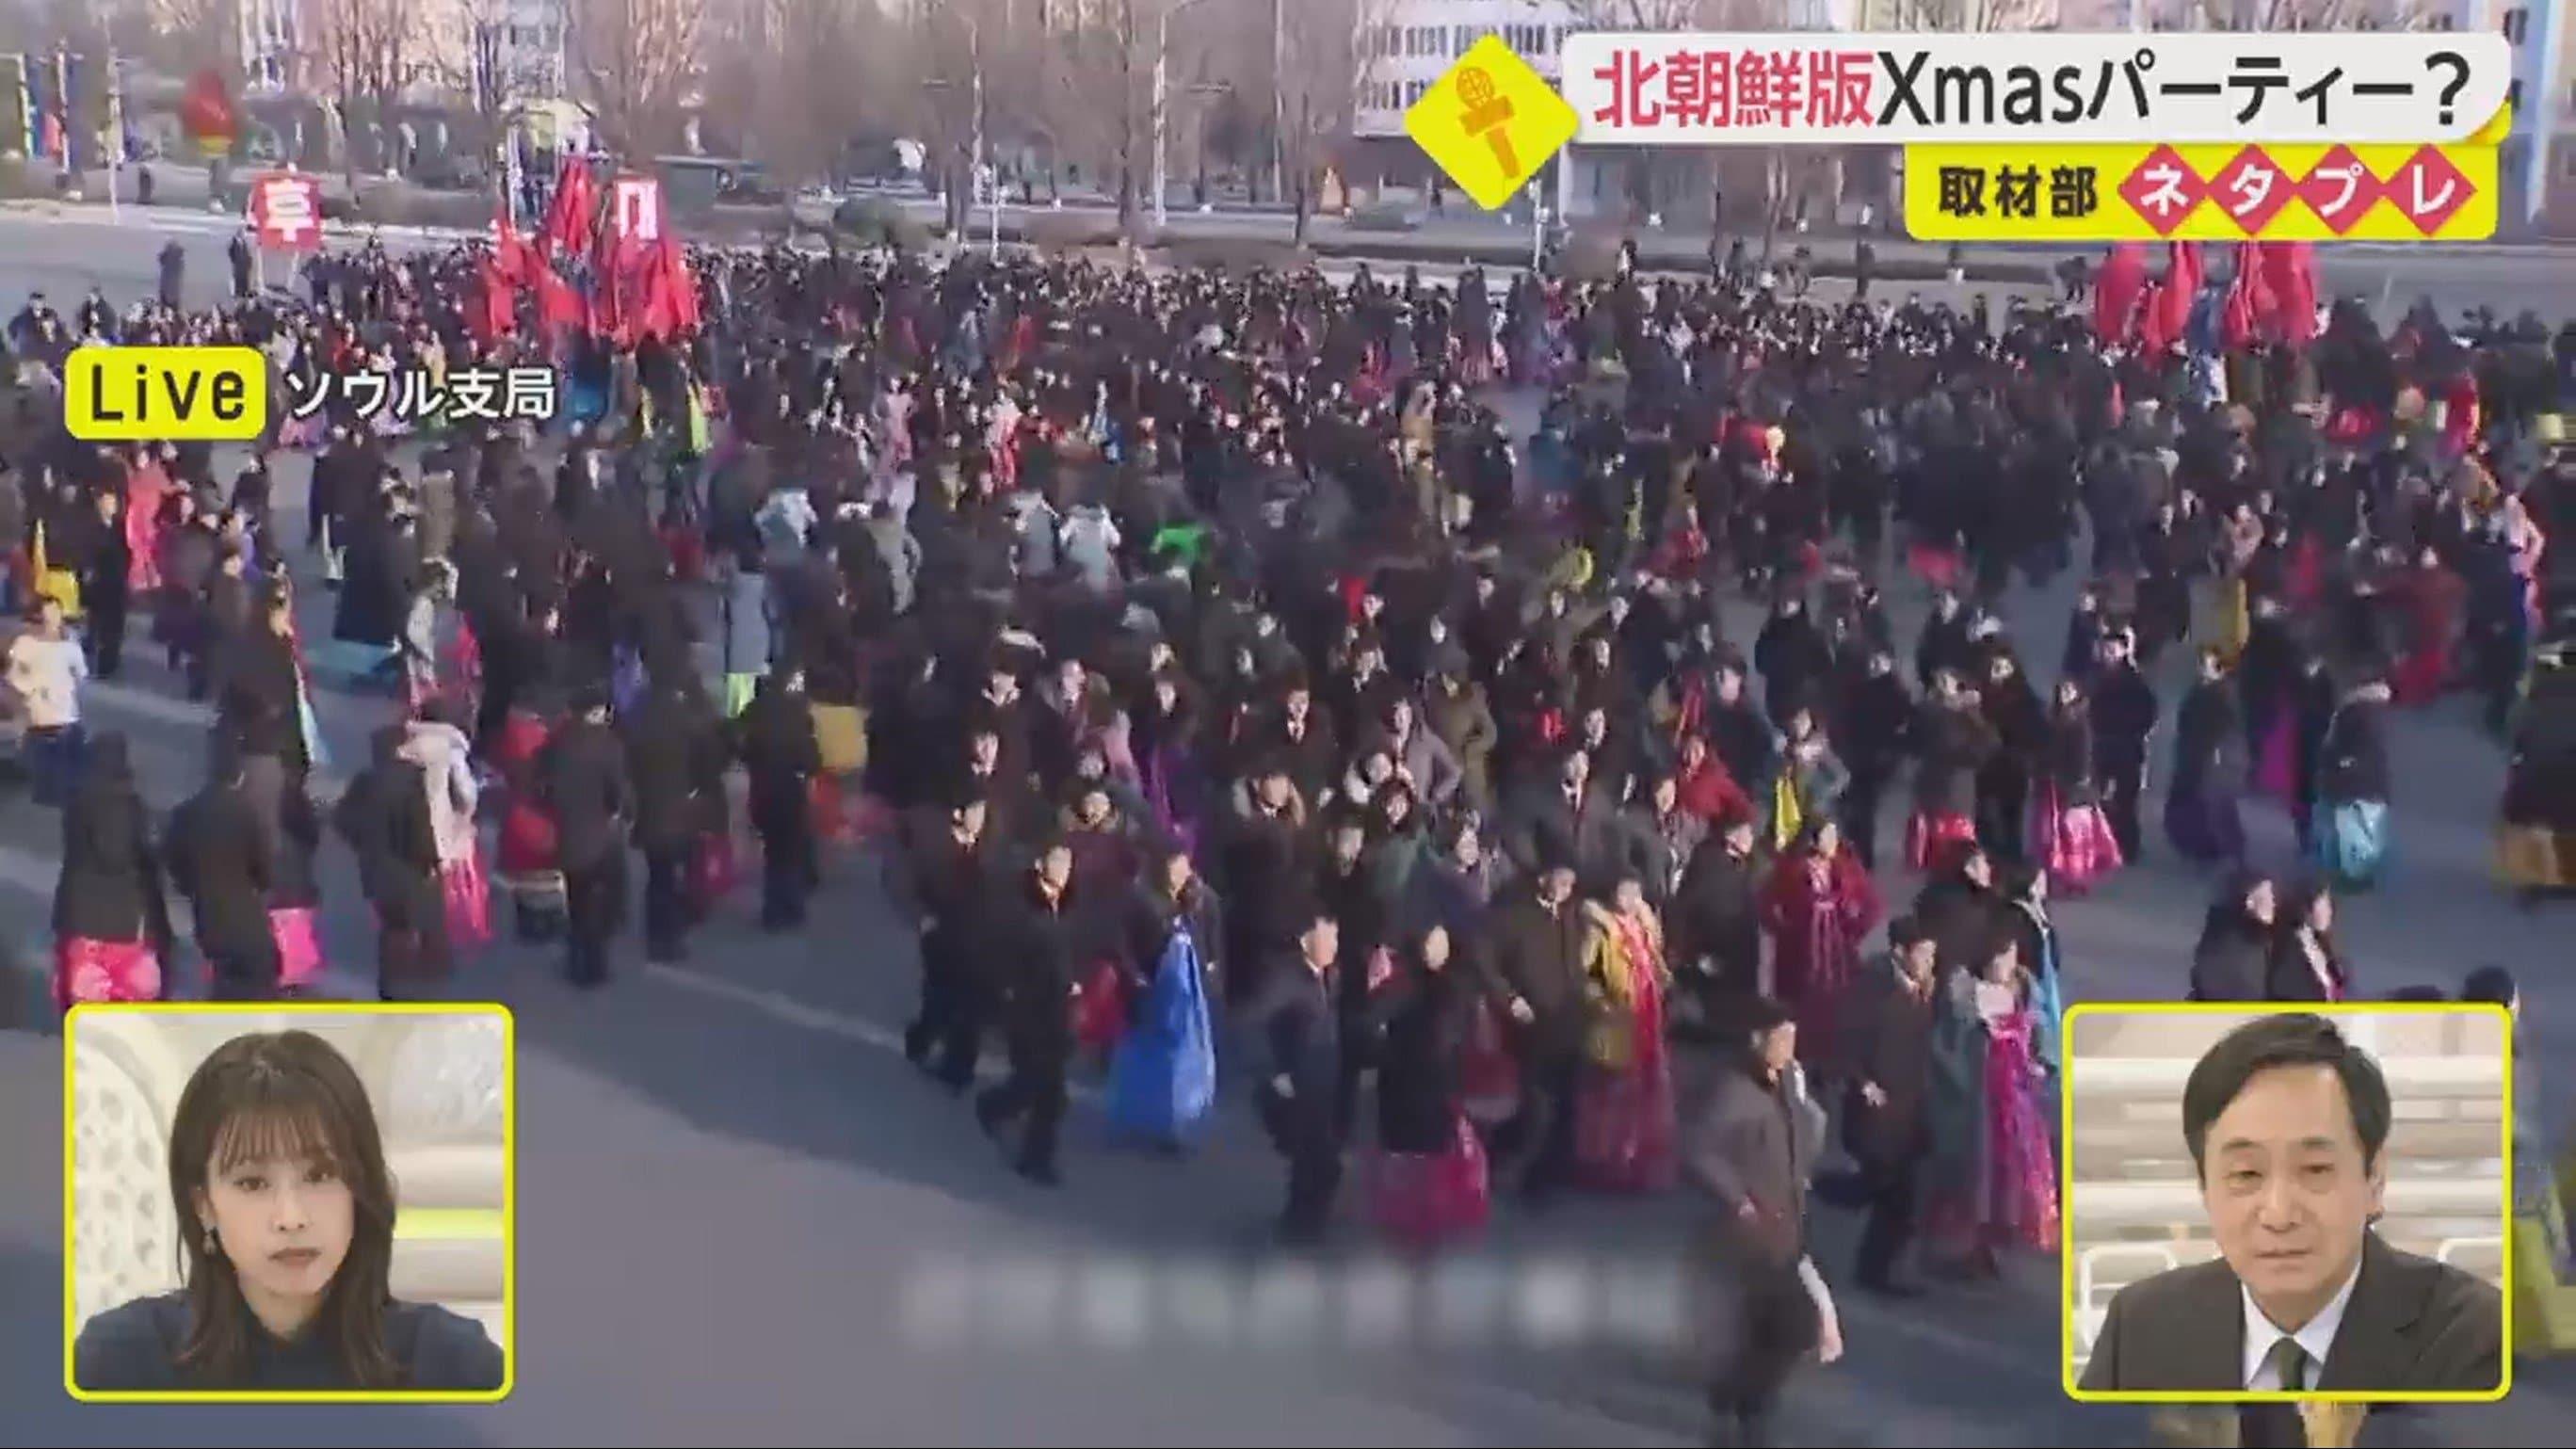 プレゼント 北 朝鮮 の クリスマス